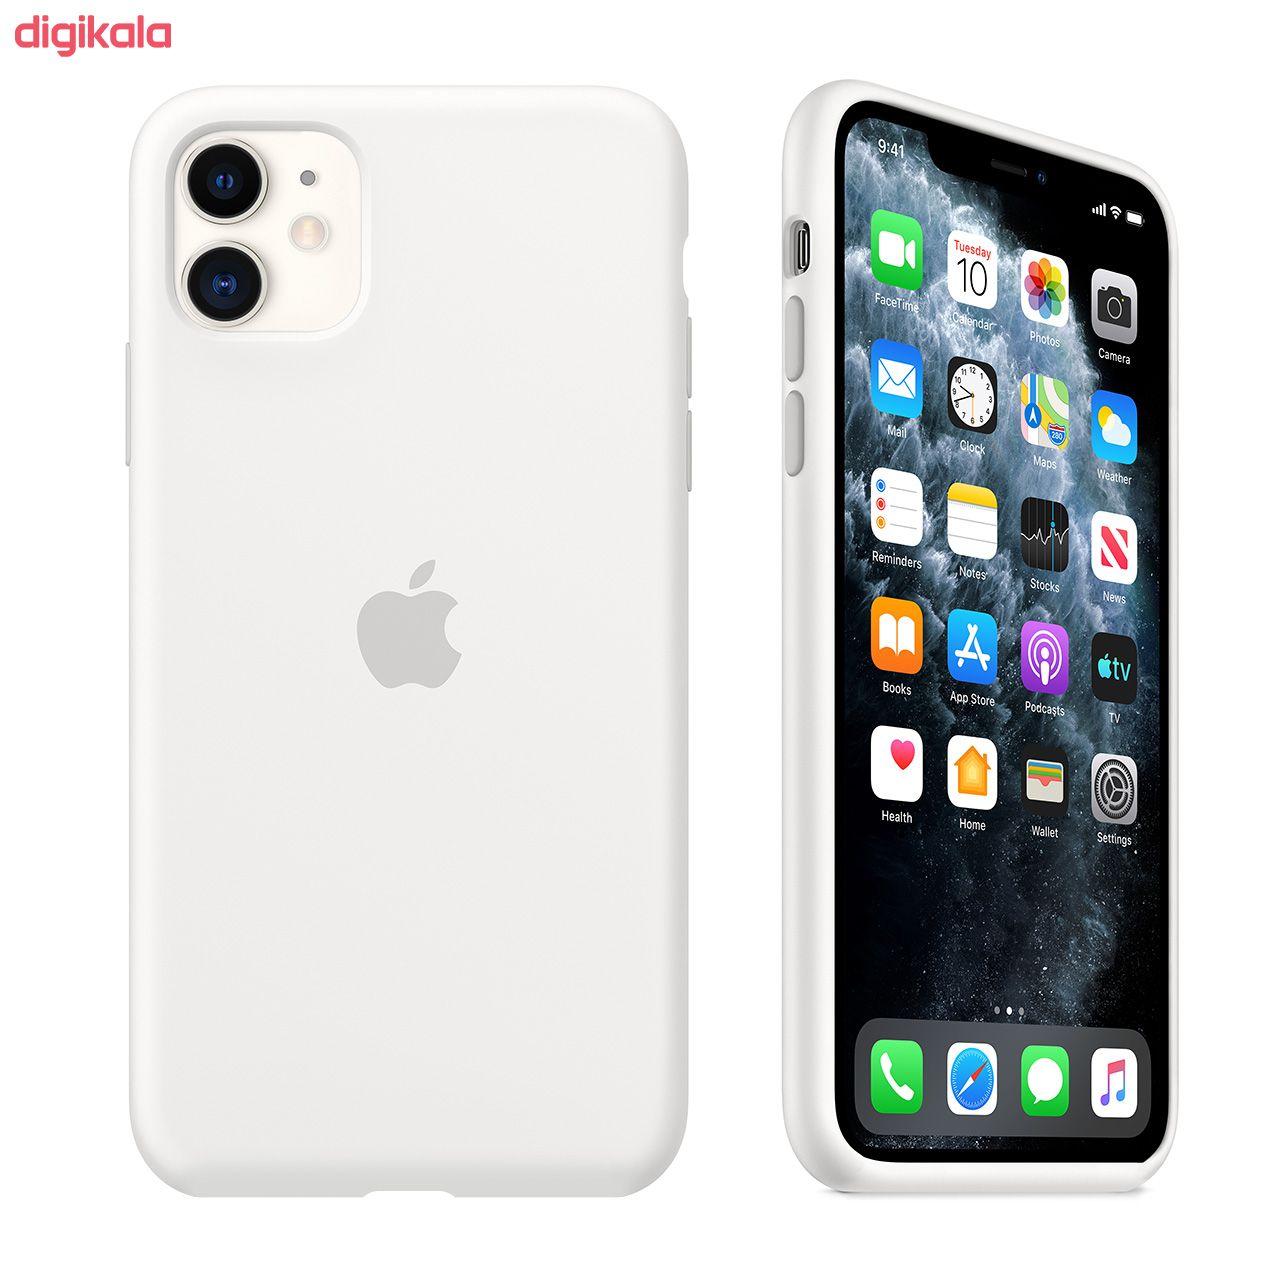 کاور وی کیس مدل Si01 مناسب برای گوشی موبایل اپل iPhone 11 main 1 1